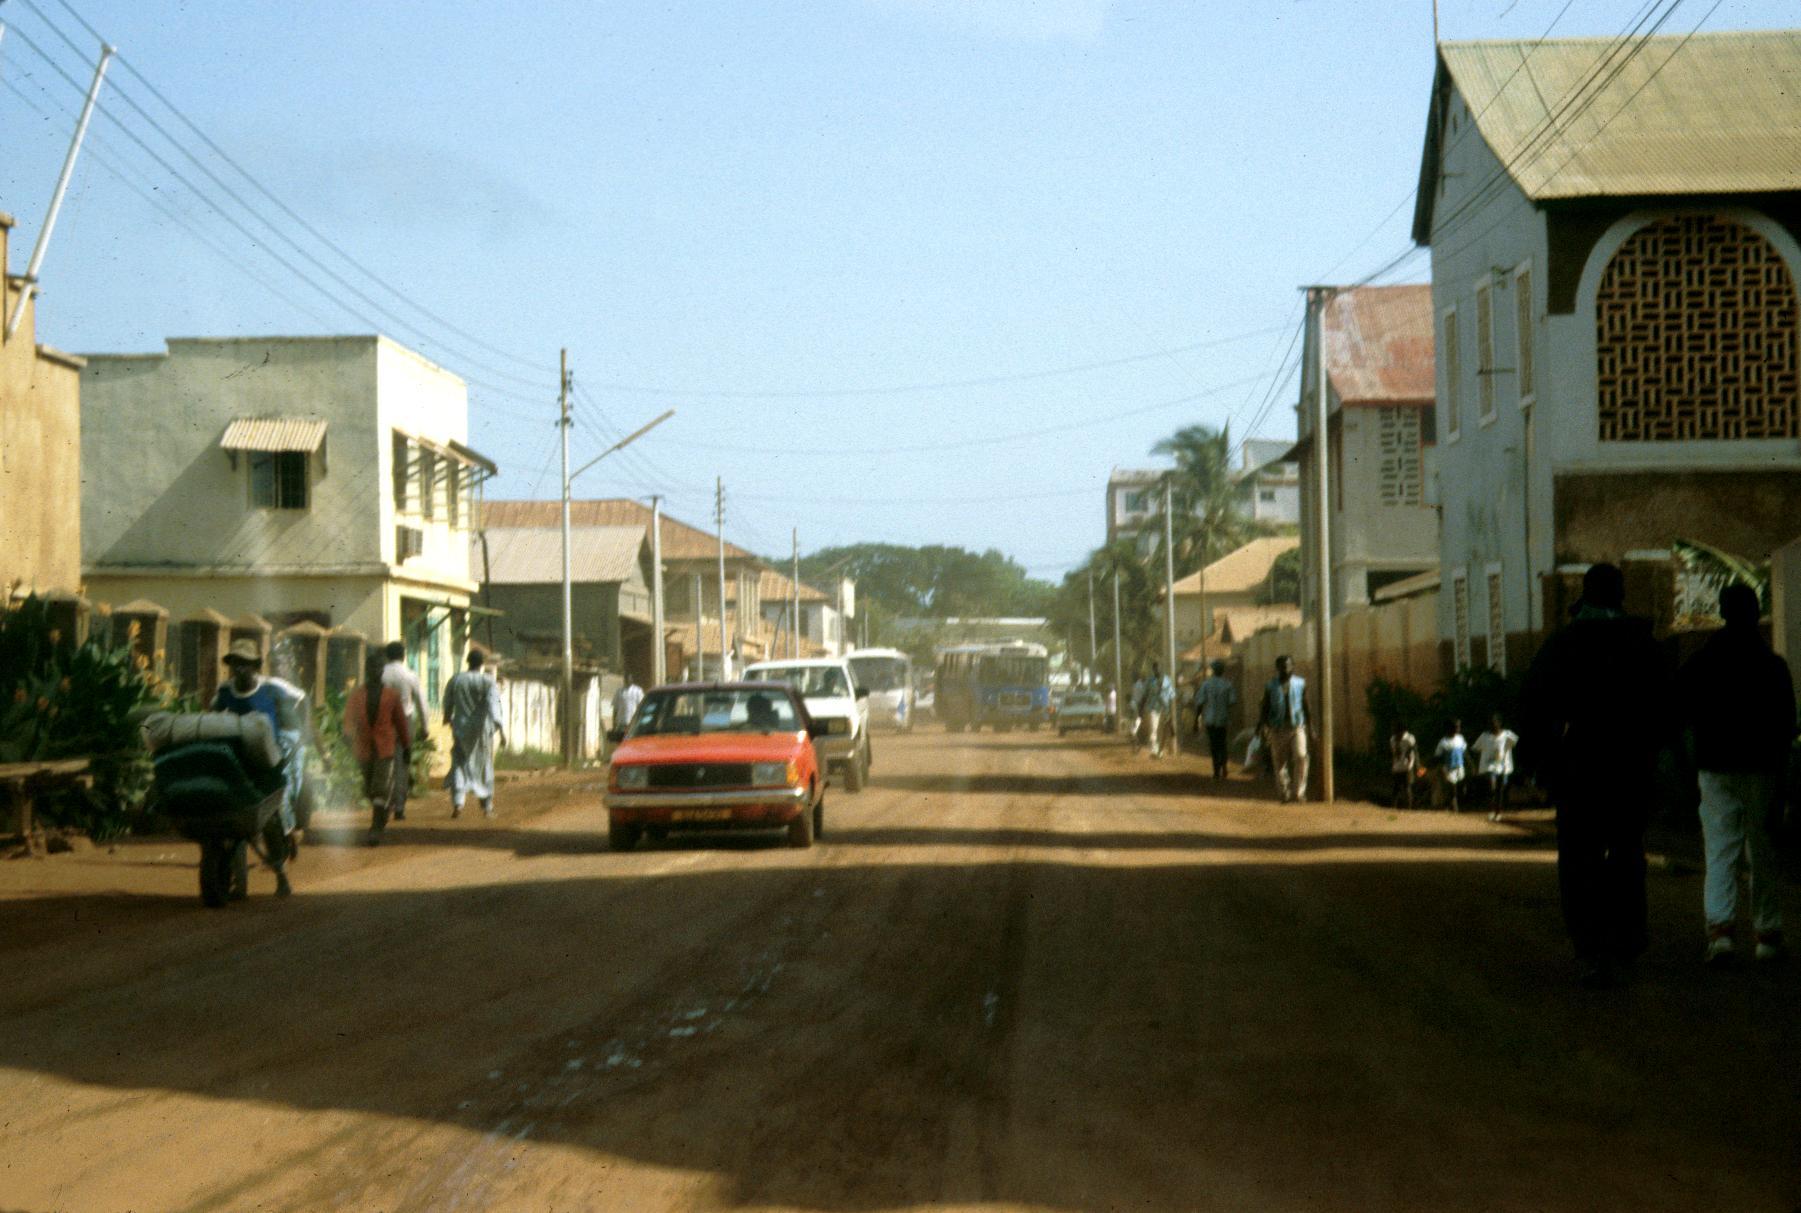 Street in Banjul, the Capital City